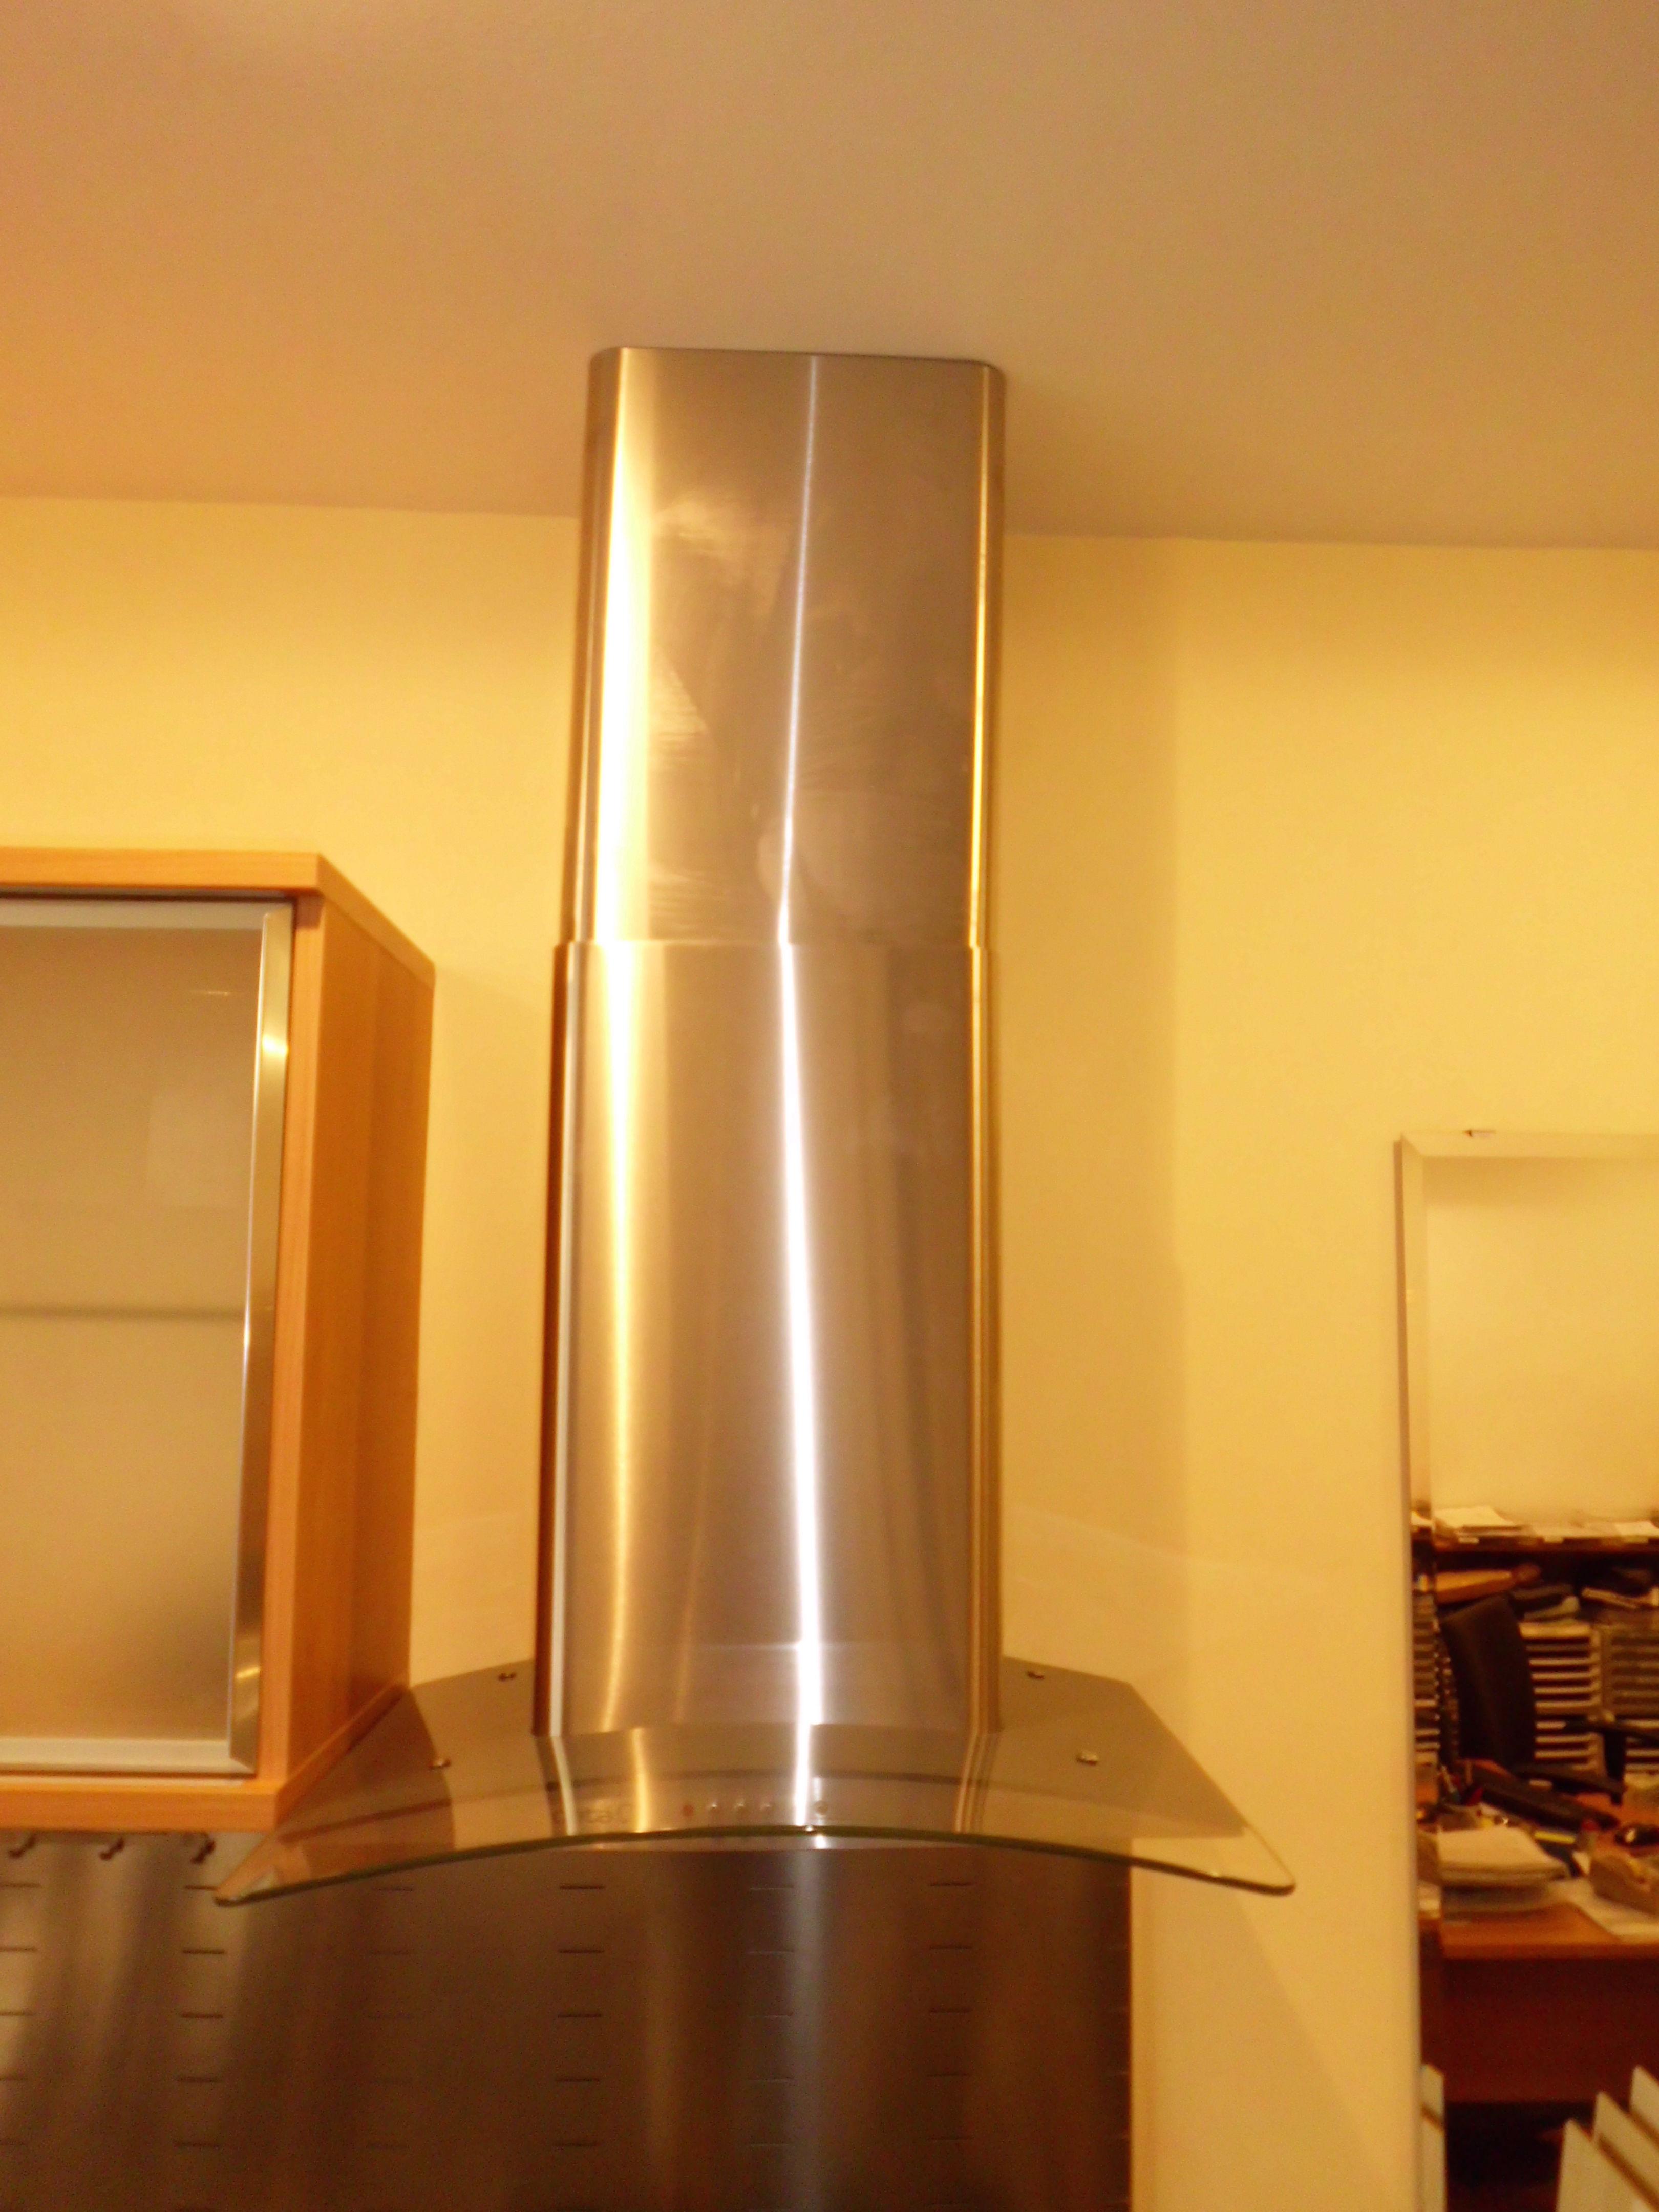 Oferta muebles cocina escavolini servicios y productos de for Ofertas muebles de cocina